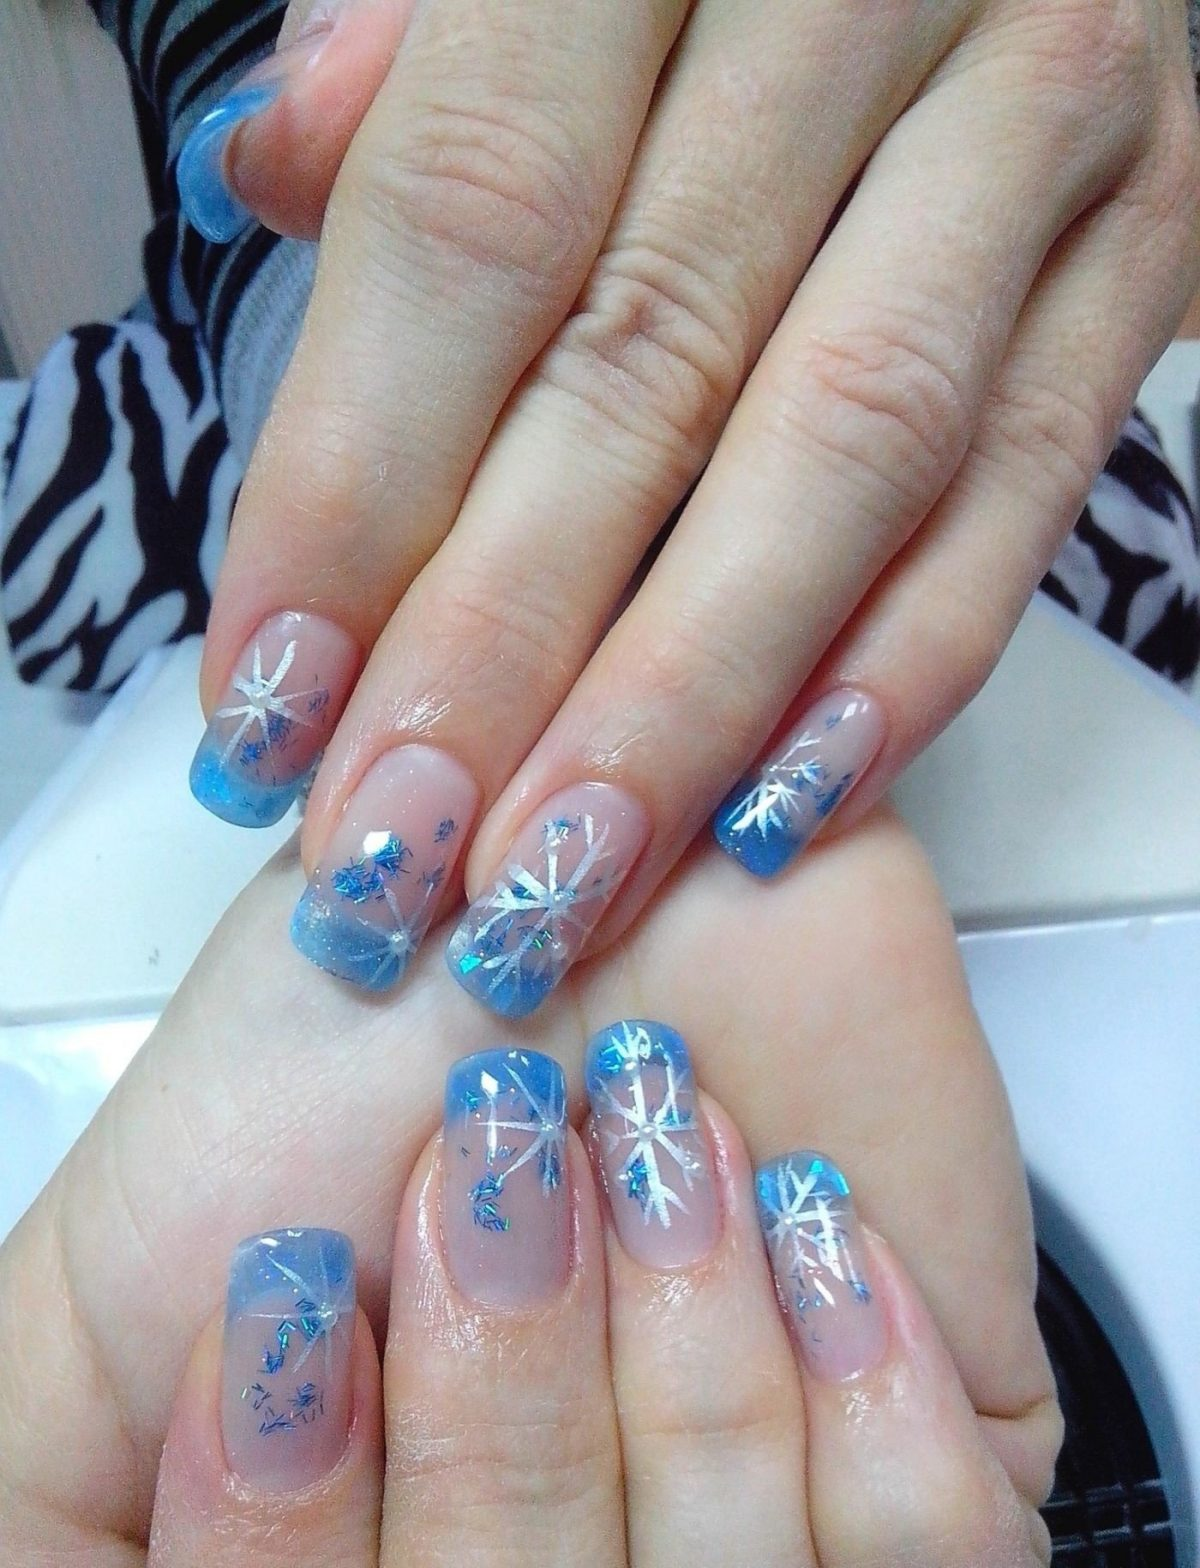 арочное наращивание ногтей: форма френч голубой и снежинки